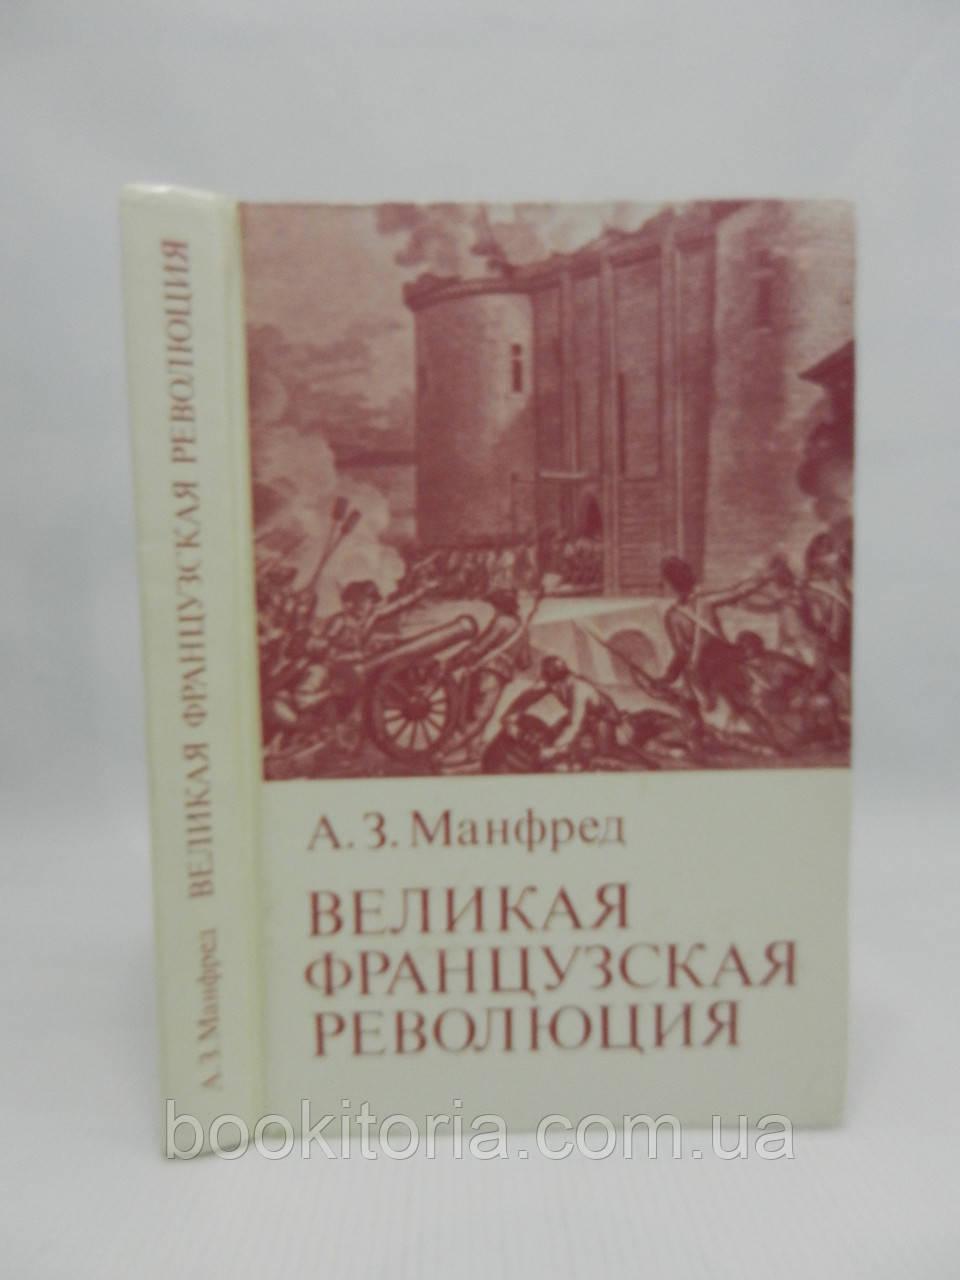 Манфред А. Великая Французская революция (б/у).